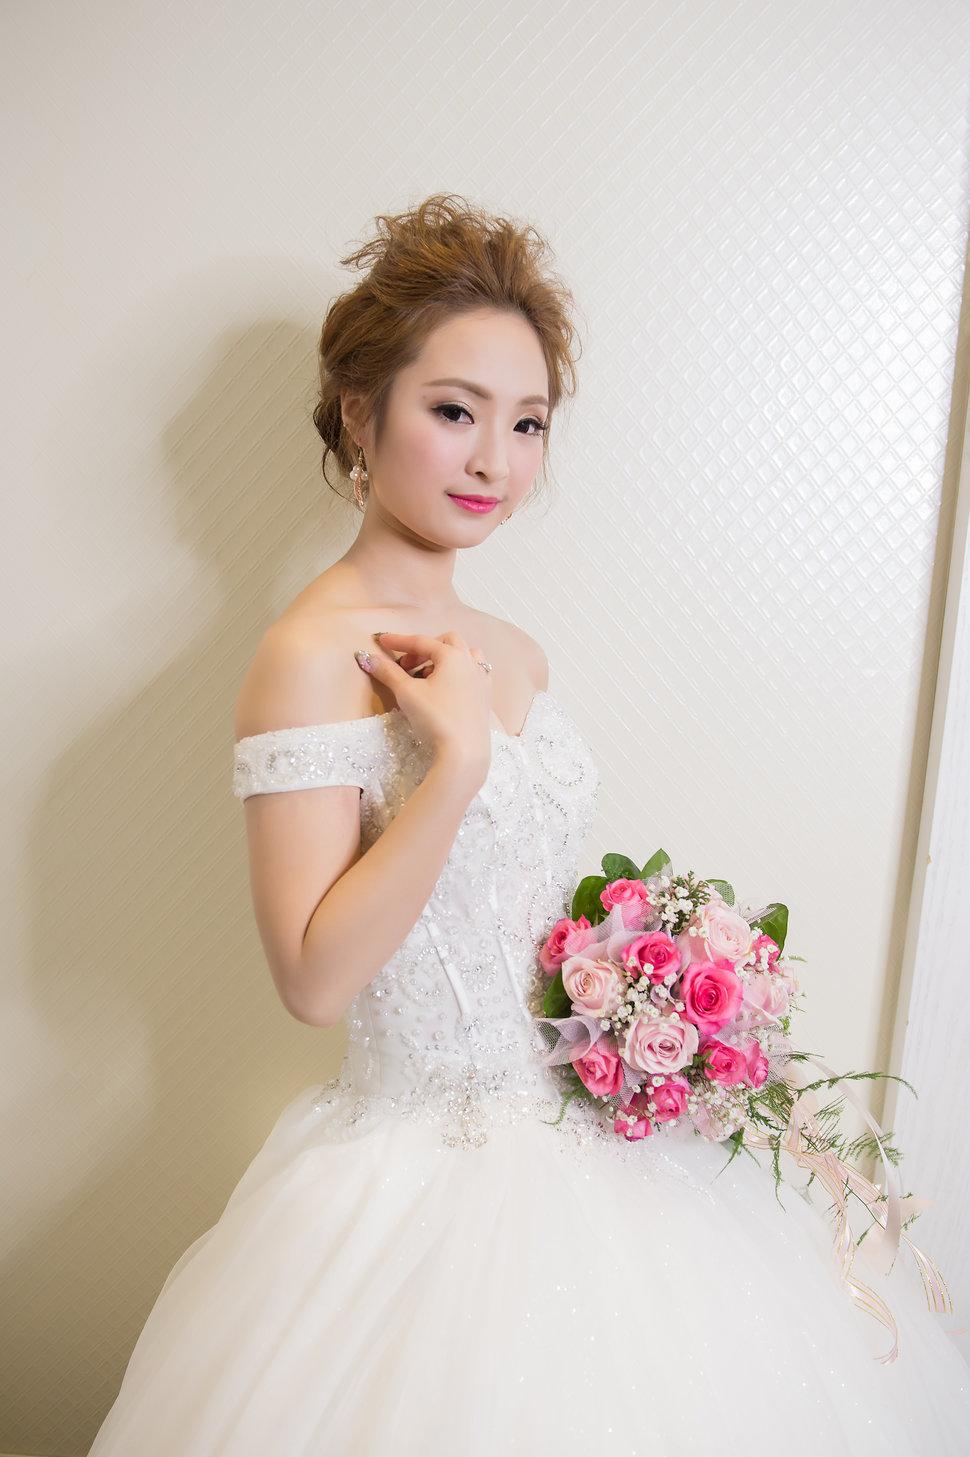 [台北婚攝] 訂婚迎娶儀式@雙岩龍鳳城(編號:432265) - Allen影像團隊 Love Story - 結婚吧